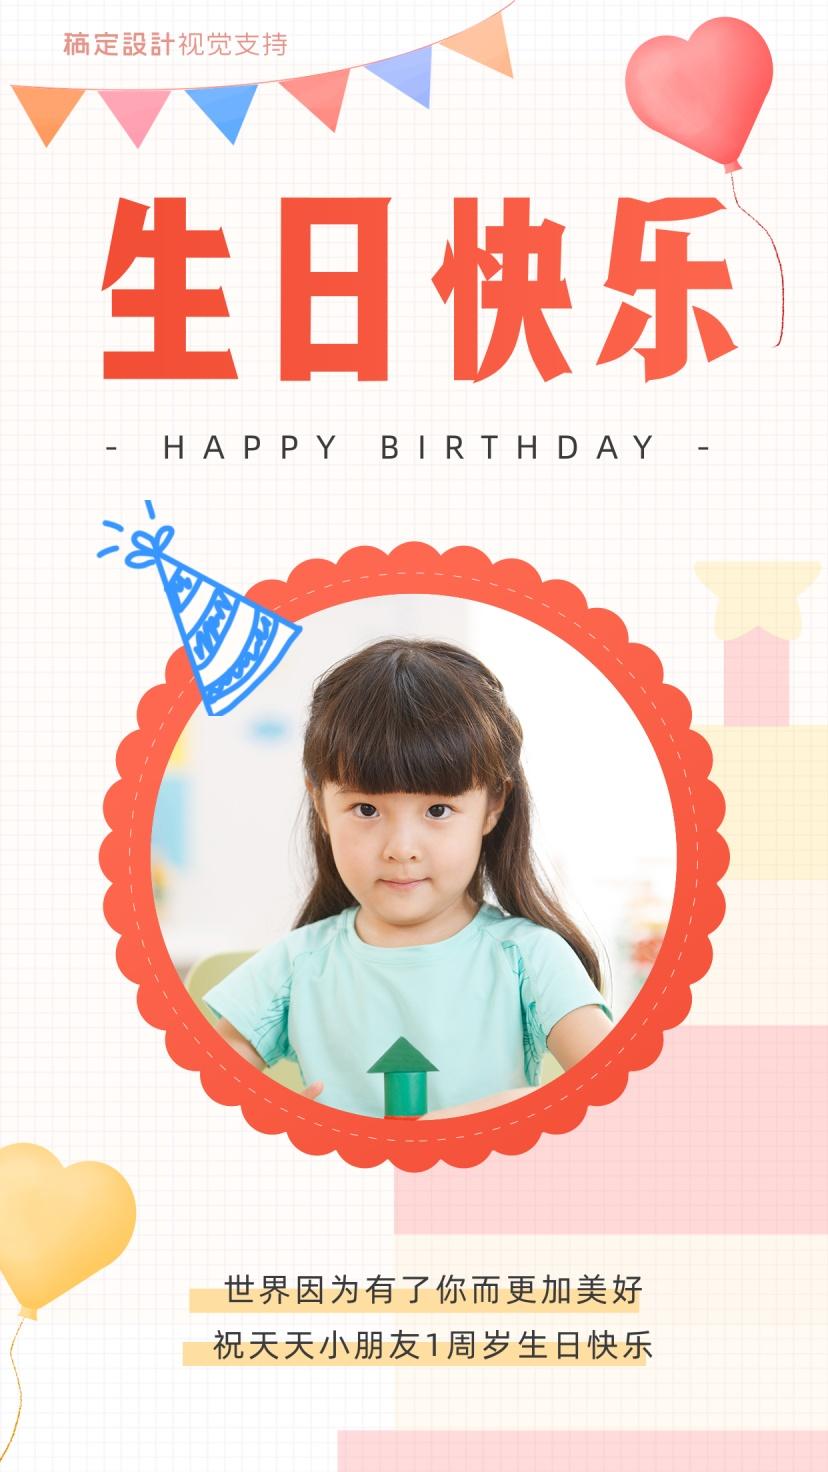 可爱迷你儿童生日海报